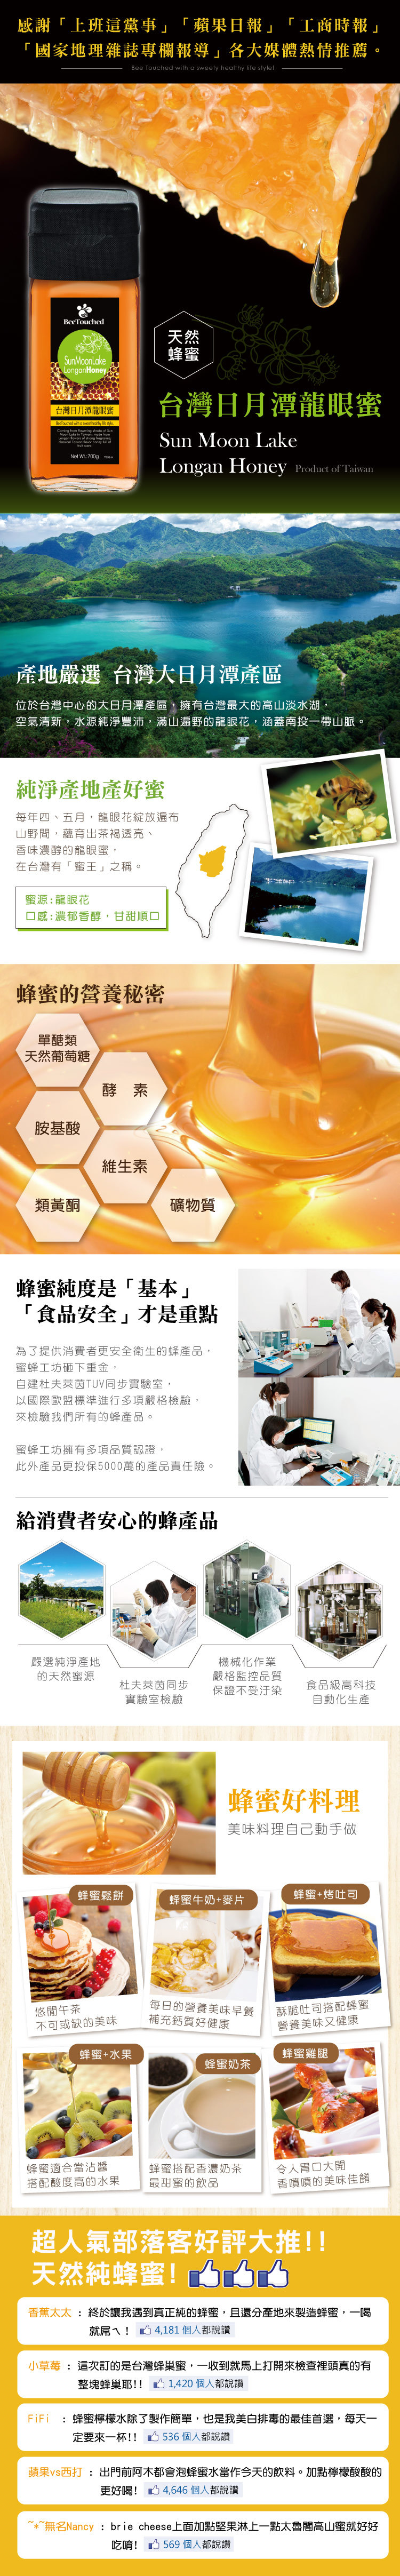 蜜蜂工坊-台灣日月潭龍眼蜜700g